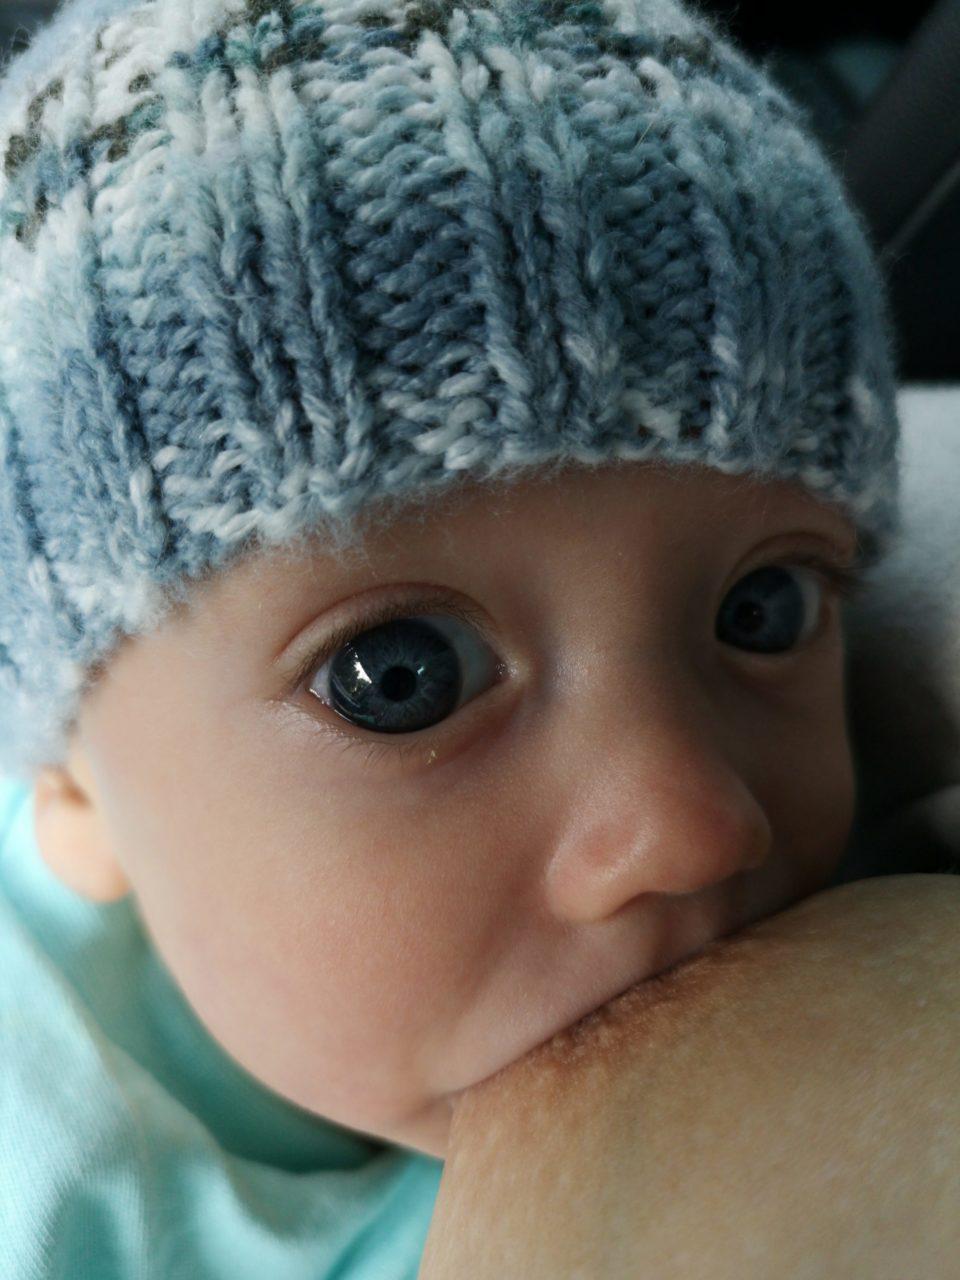 Breastfeeding baby wearing blue at looking up at mum